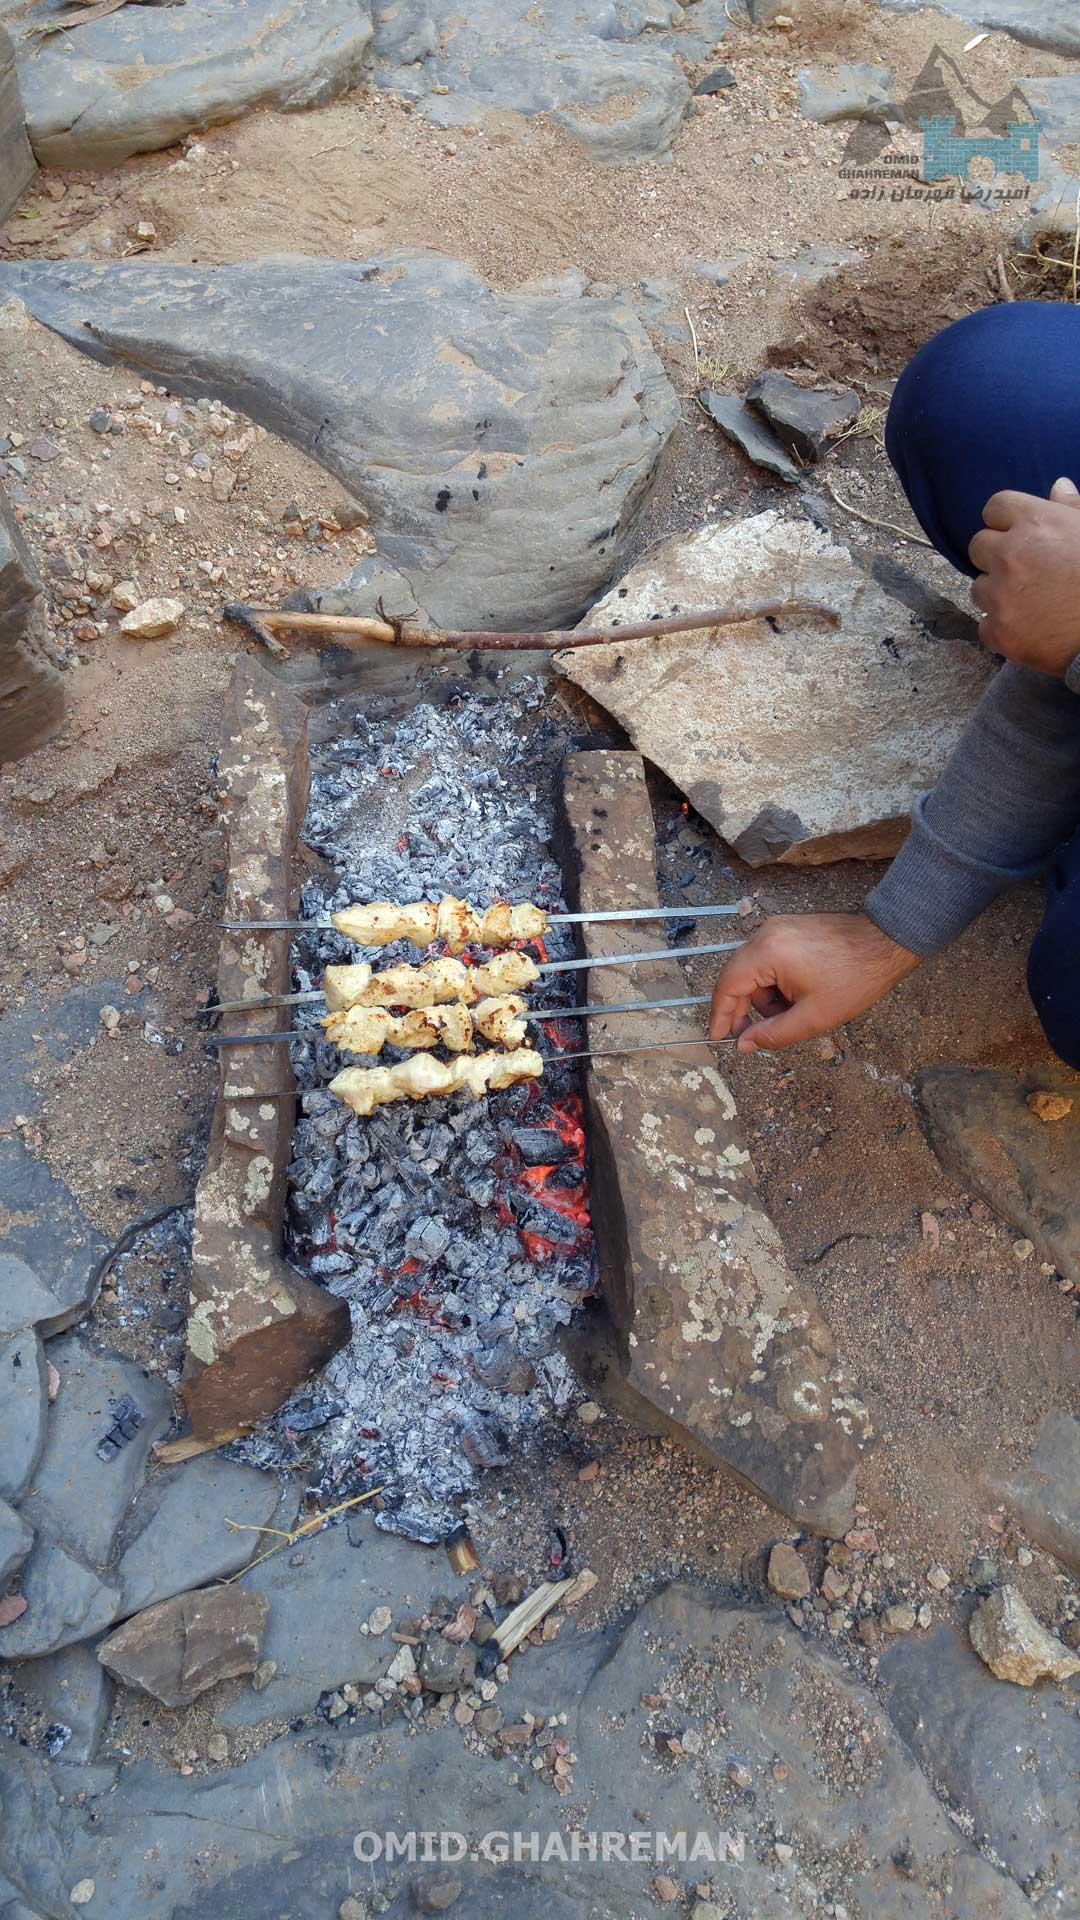 تدارک غذا در دره بدولی